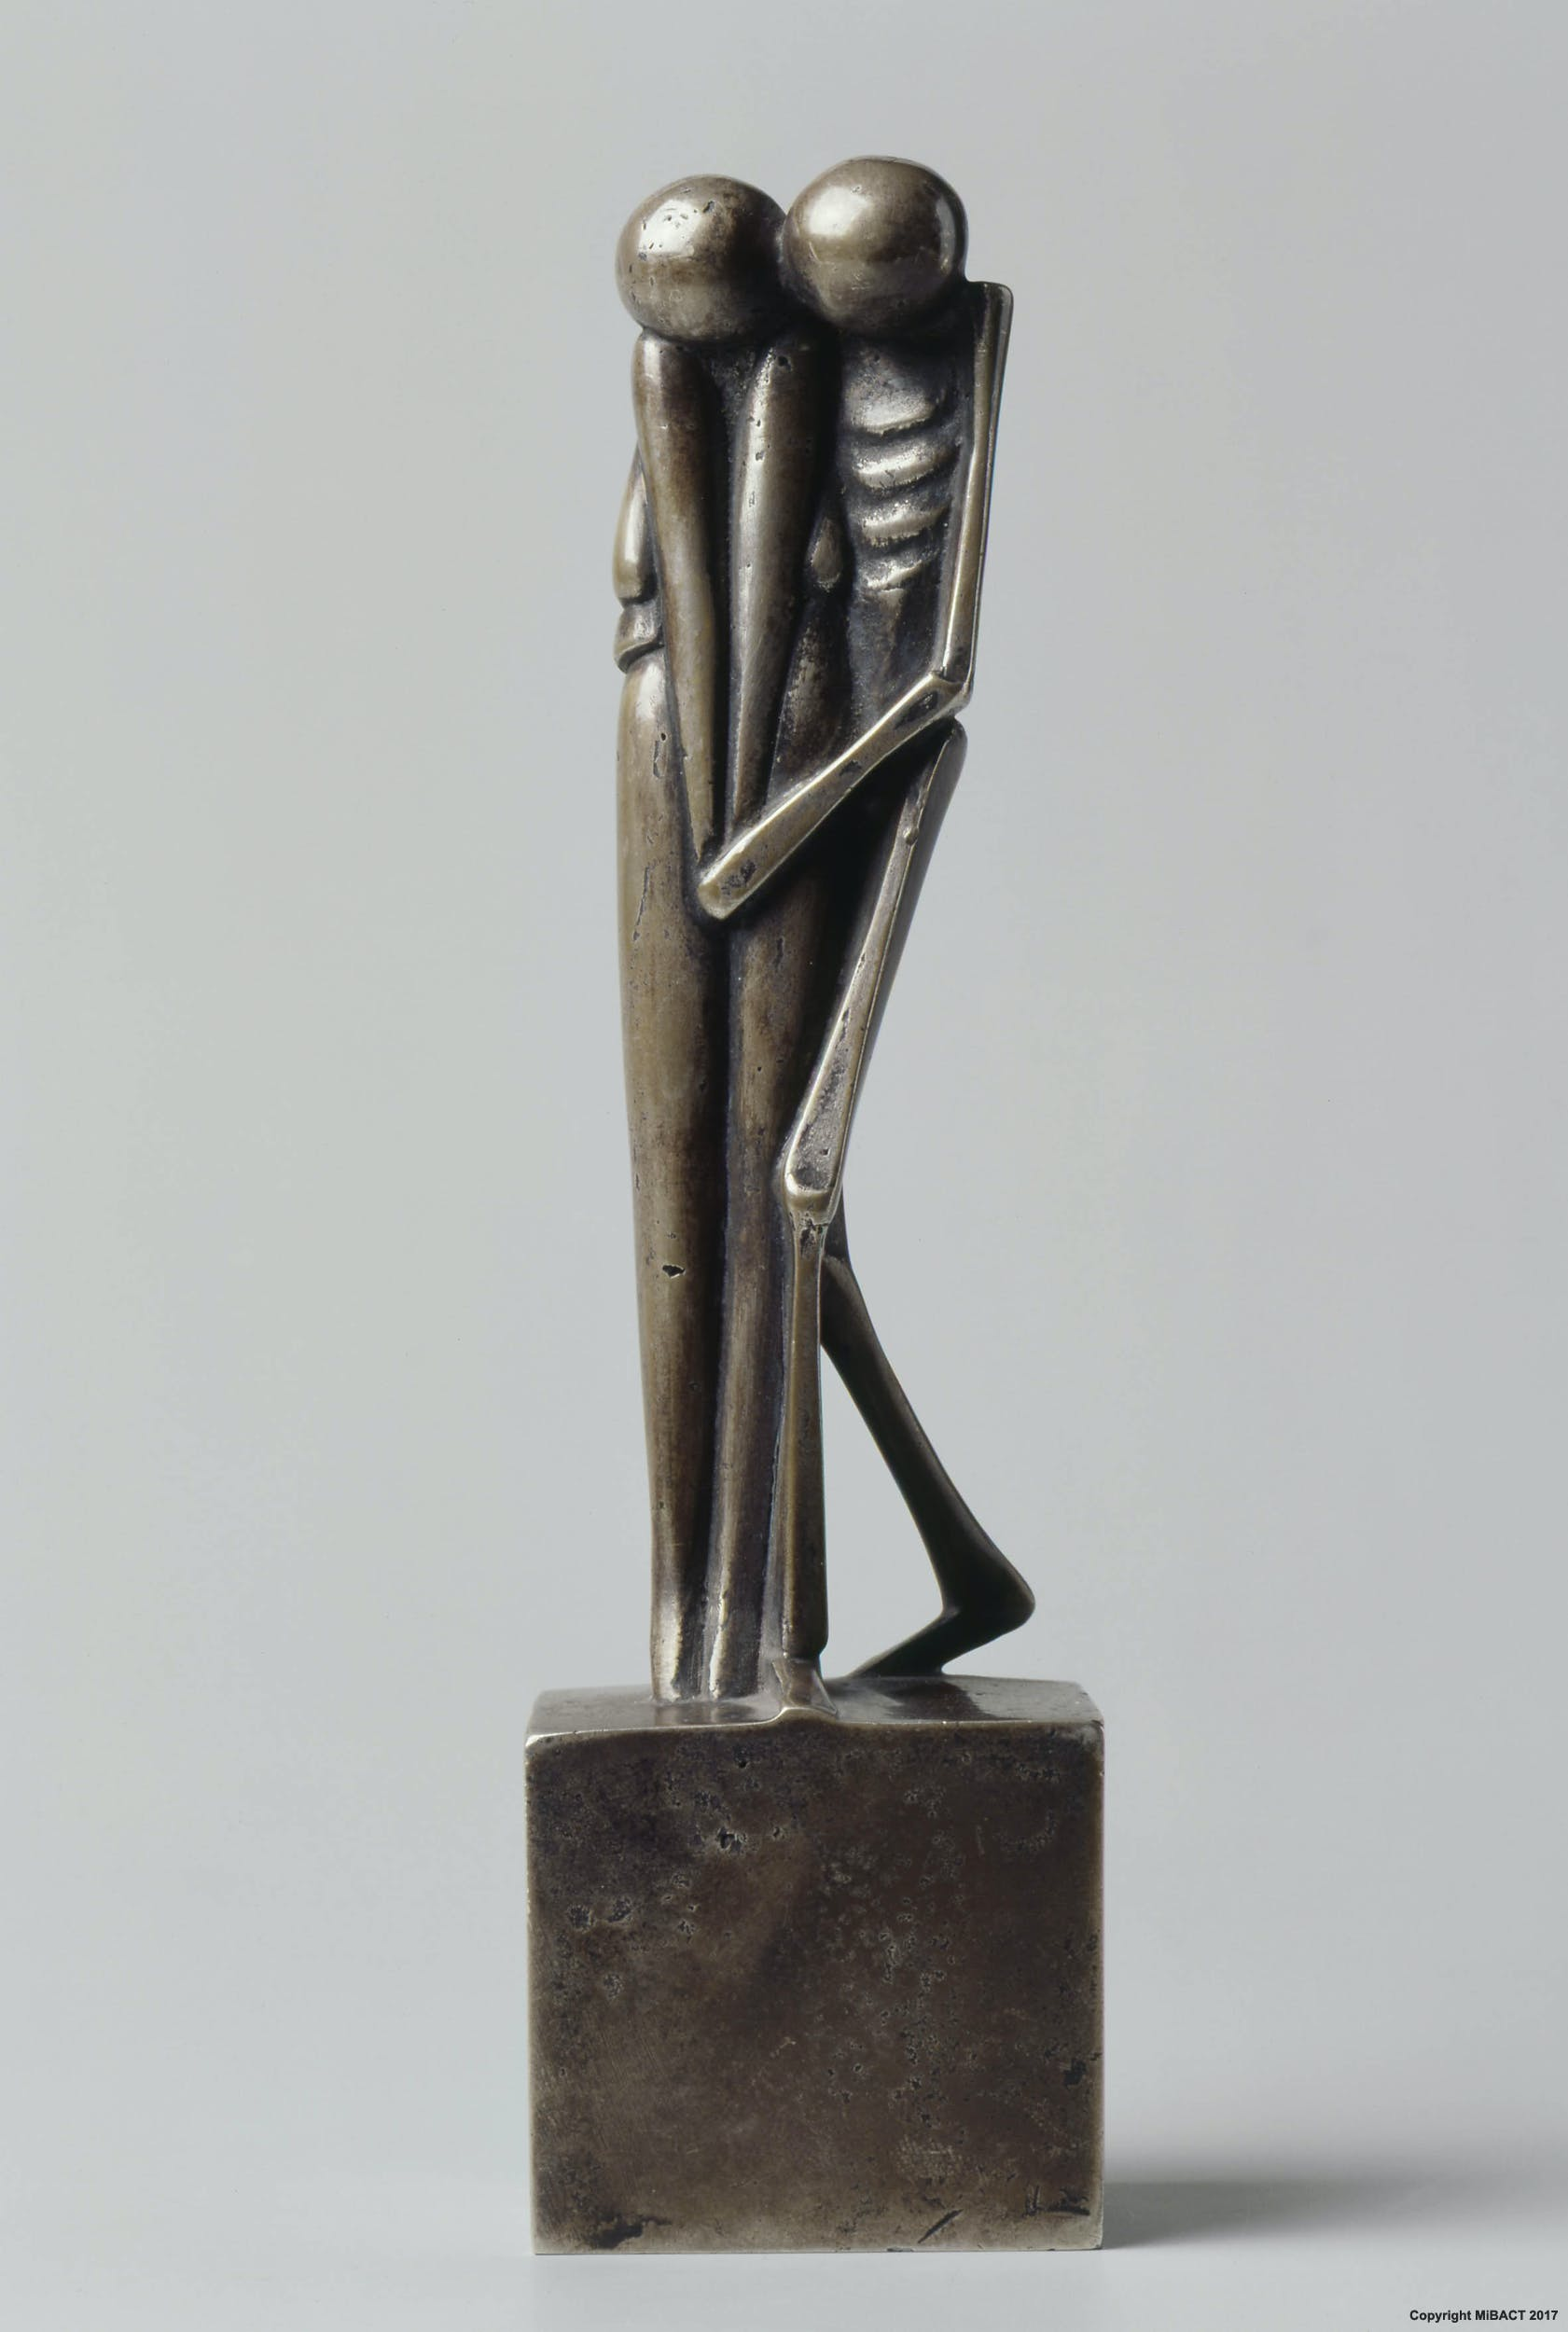 Fritz Koenig Tod und Mädchen 1976, argento, collezione privata